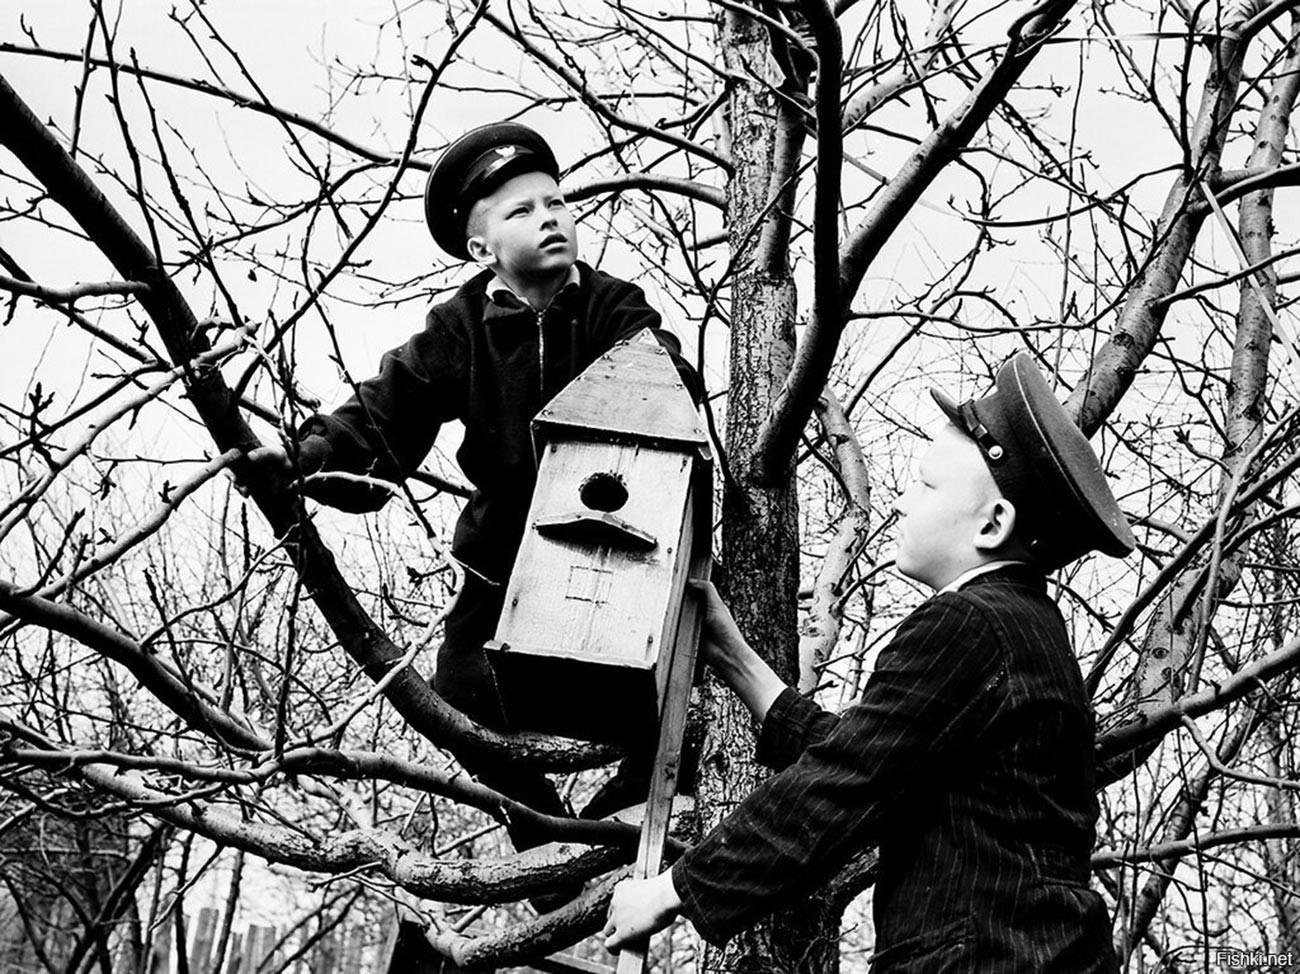 Estudiantes de una escuela montan casas para pájaros, 1959